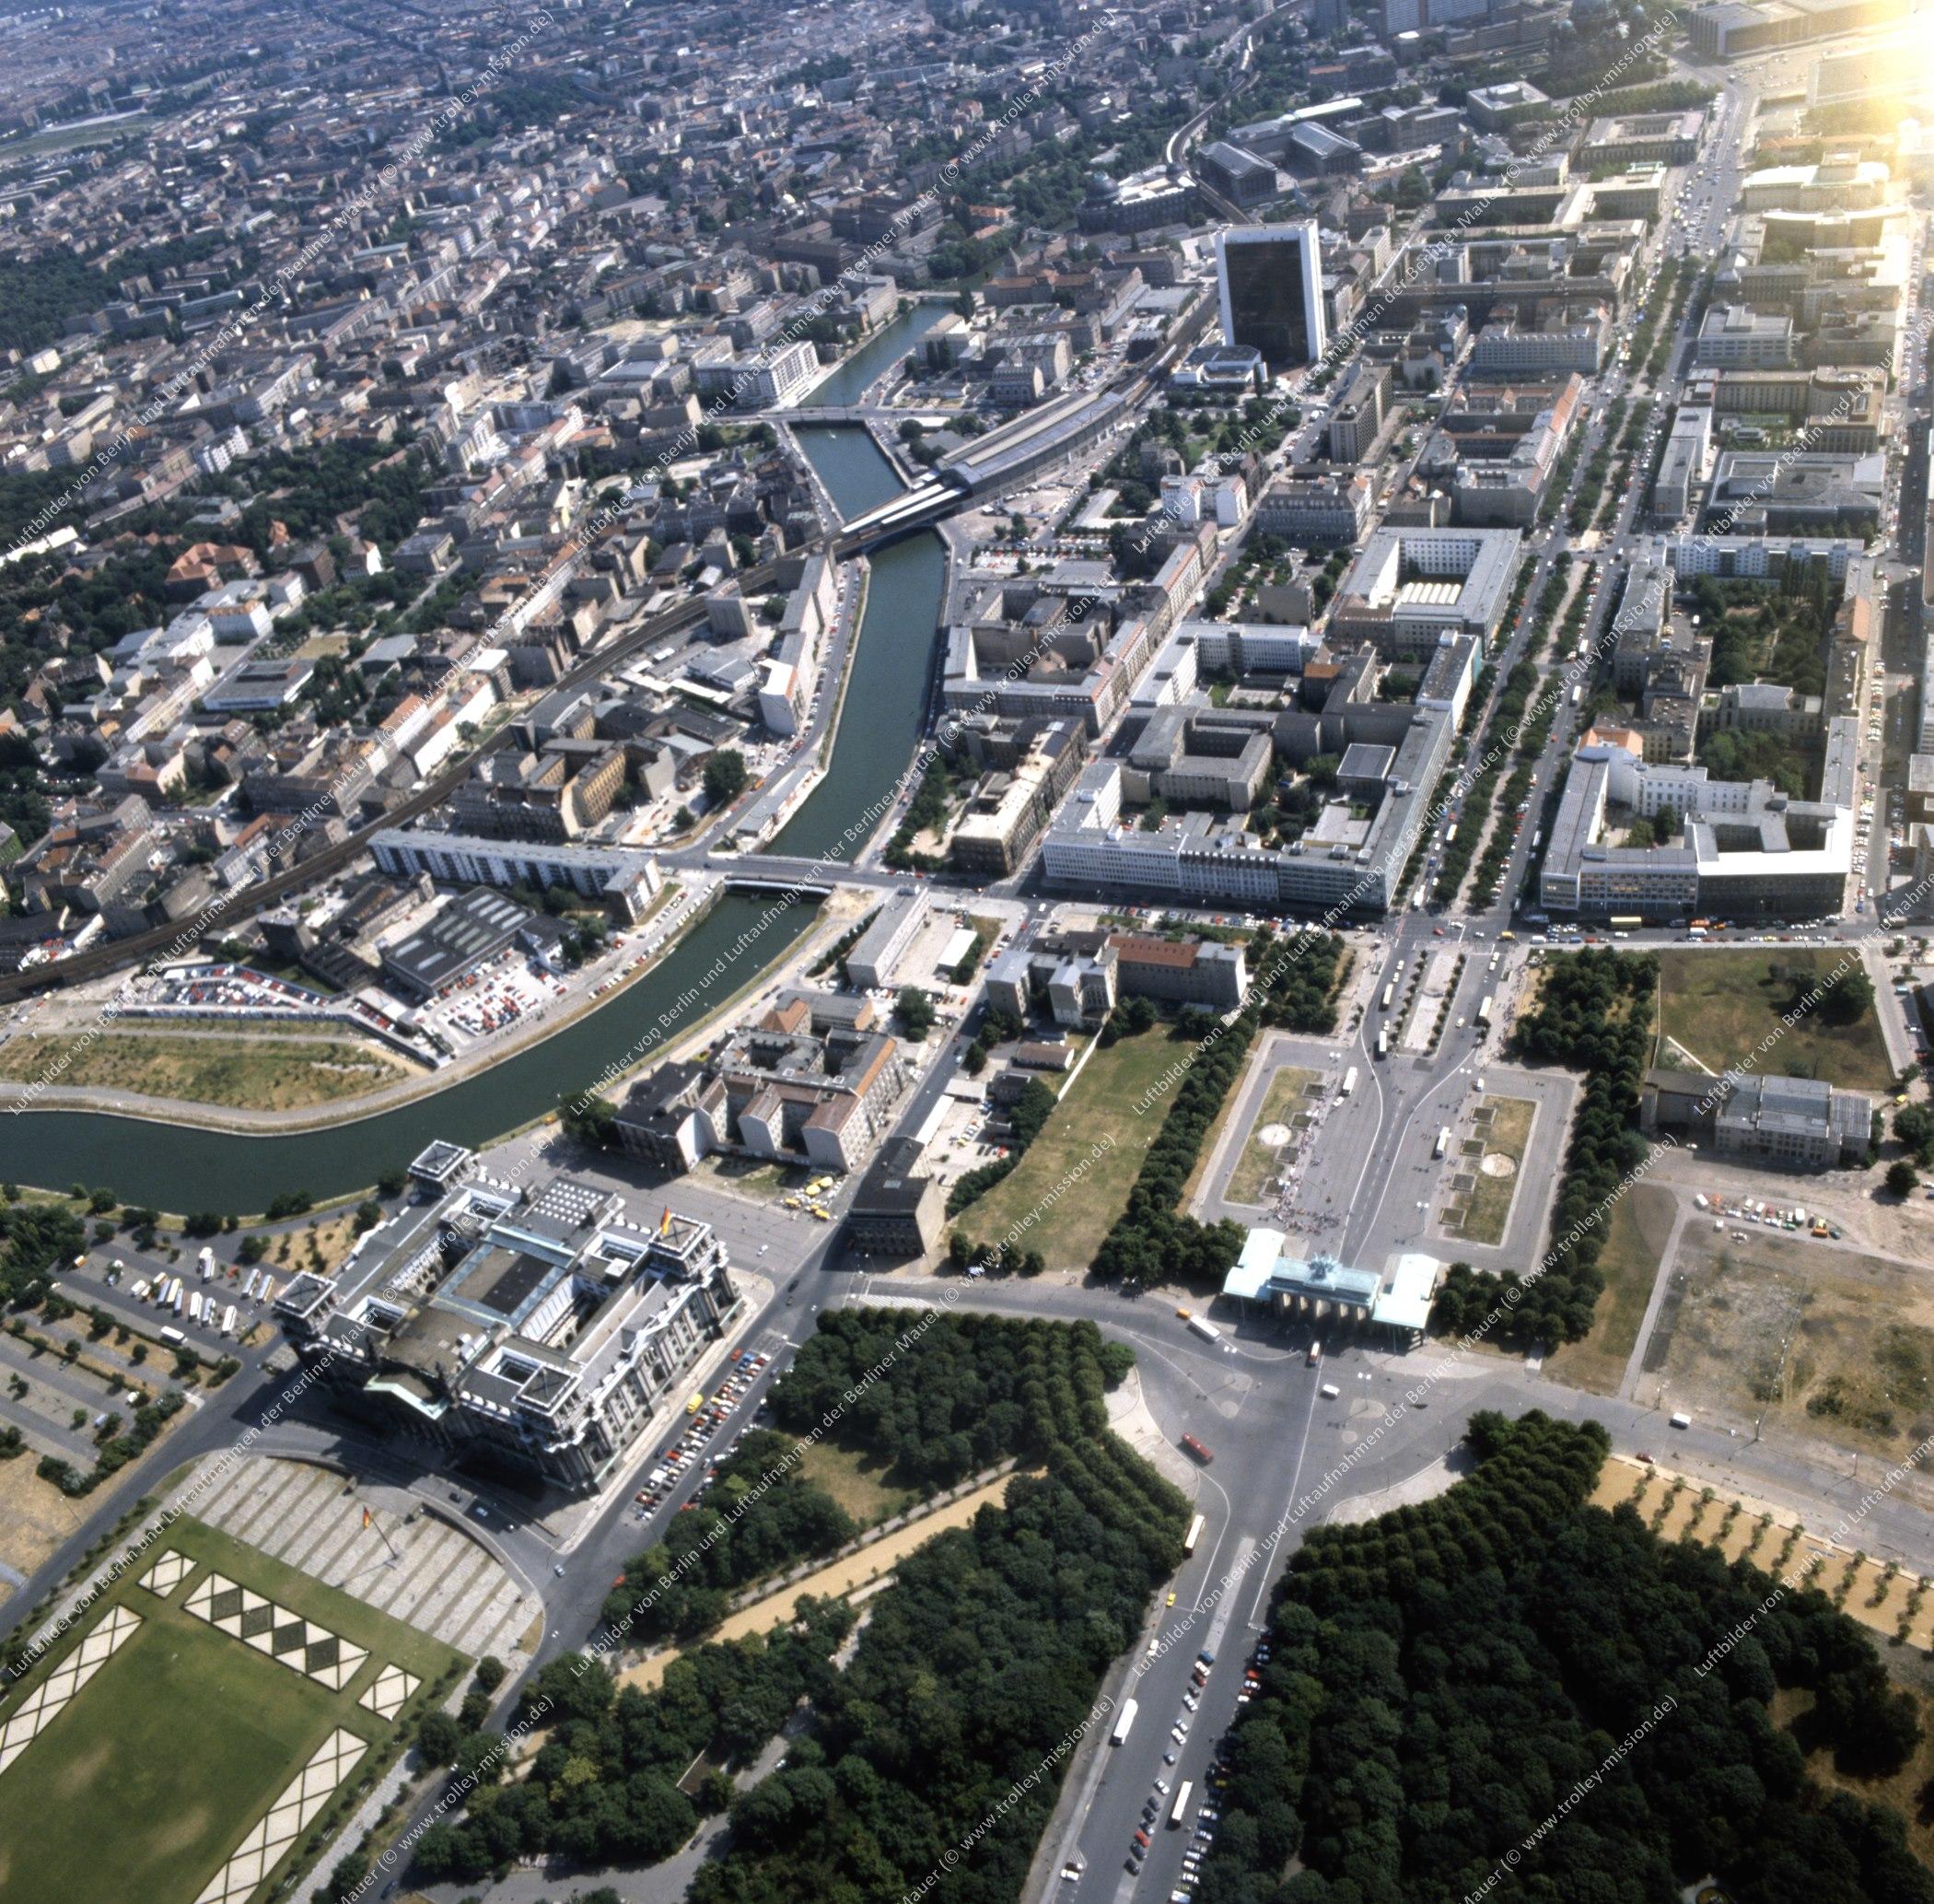 Brandenburger Tor und Reichstag - Rundflug (Luftbild) nach der deutschen Wiedervereinigung (Bild 137)